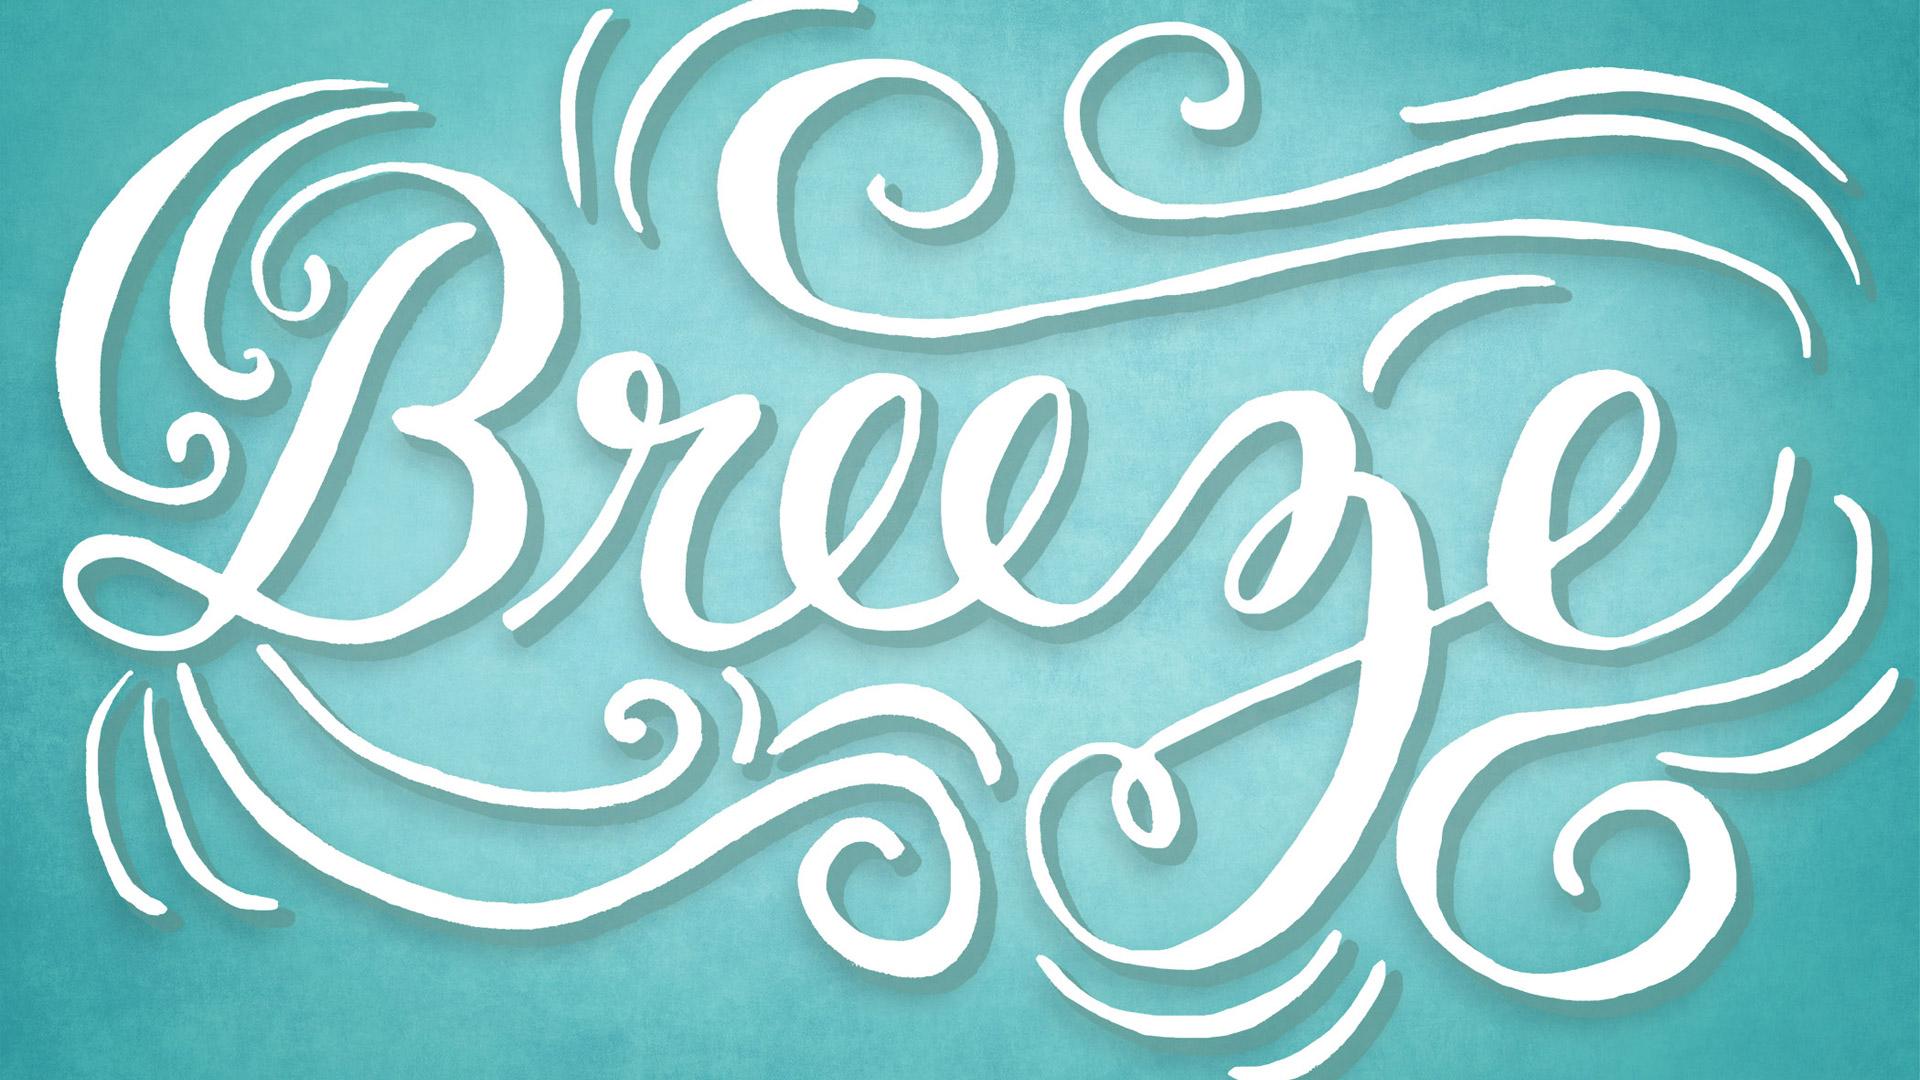 Breeze-Kids | jeden 1. + 3. Sonntag im Monat, 17:00 – 18:30 Uhr